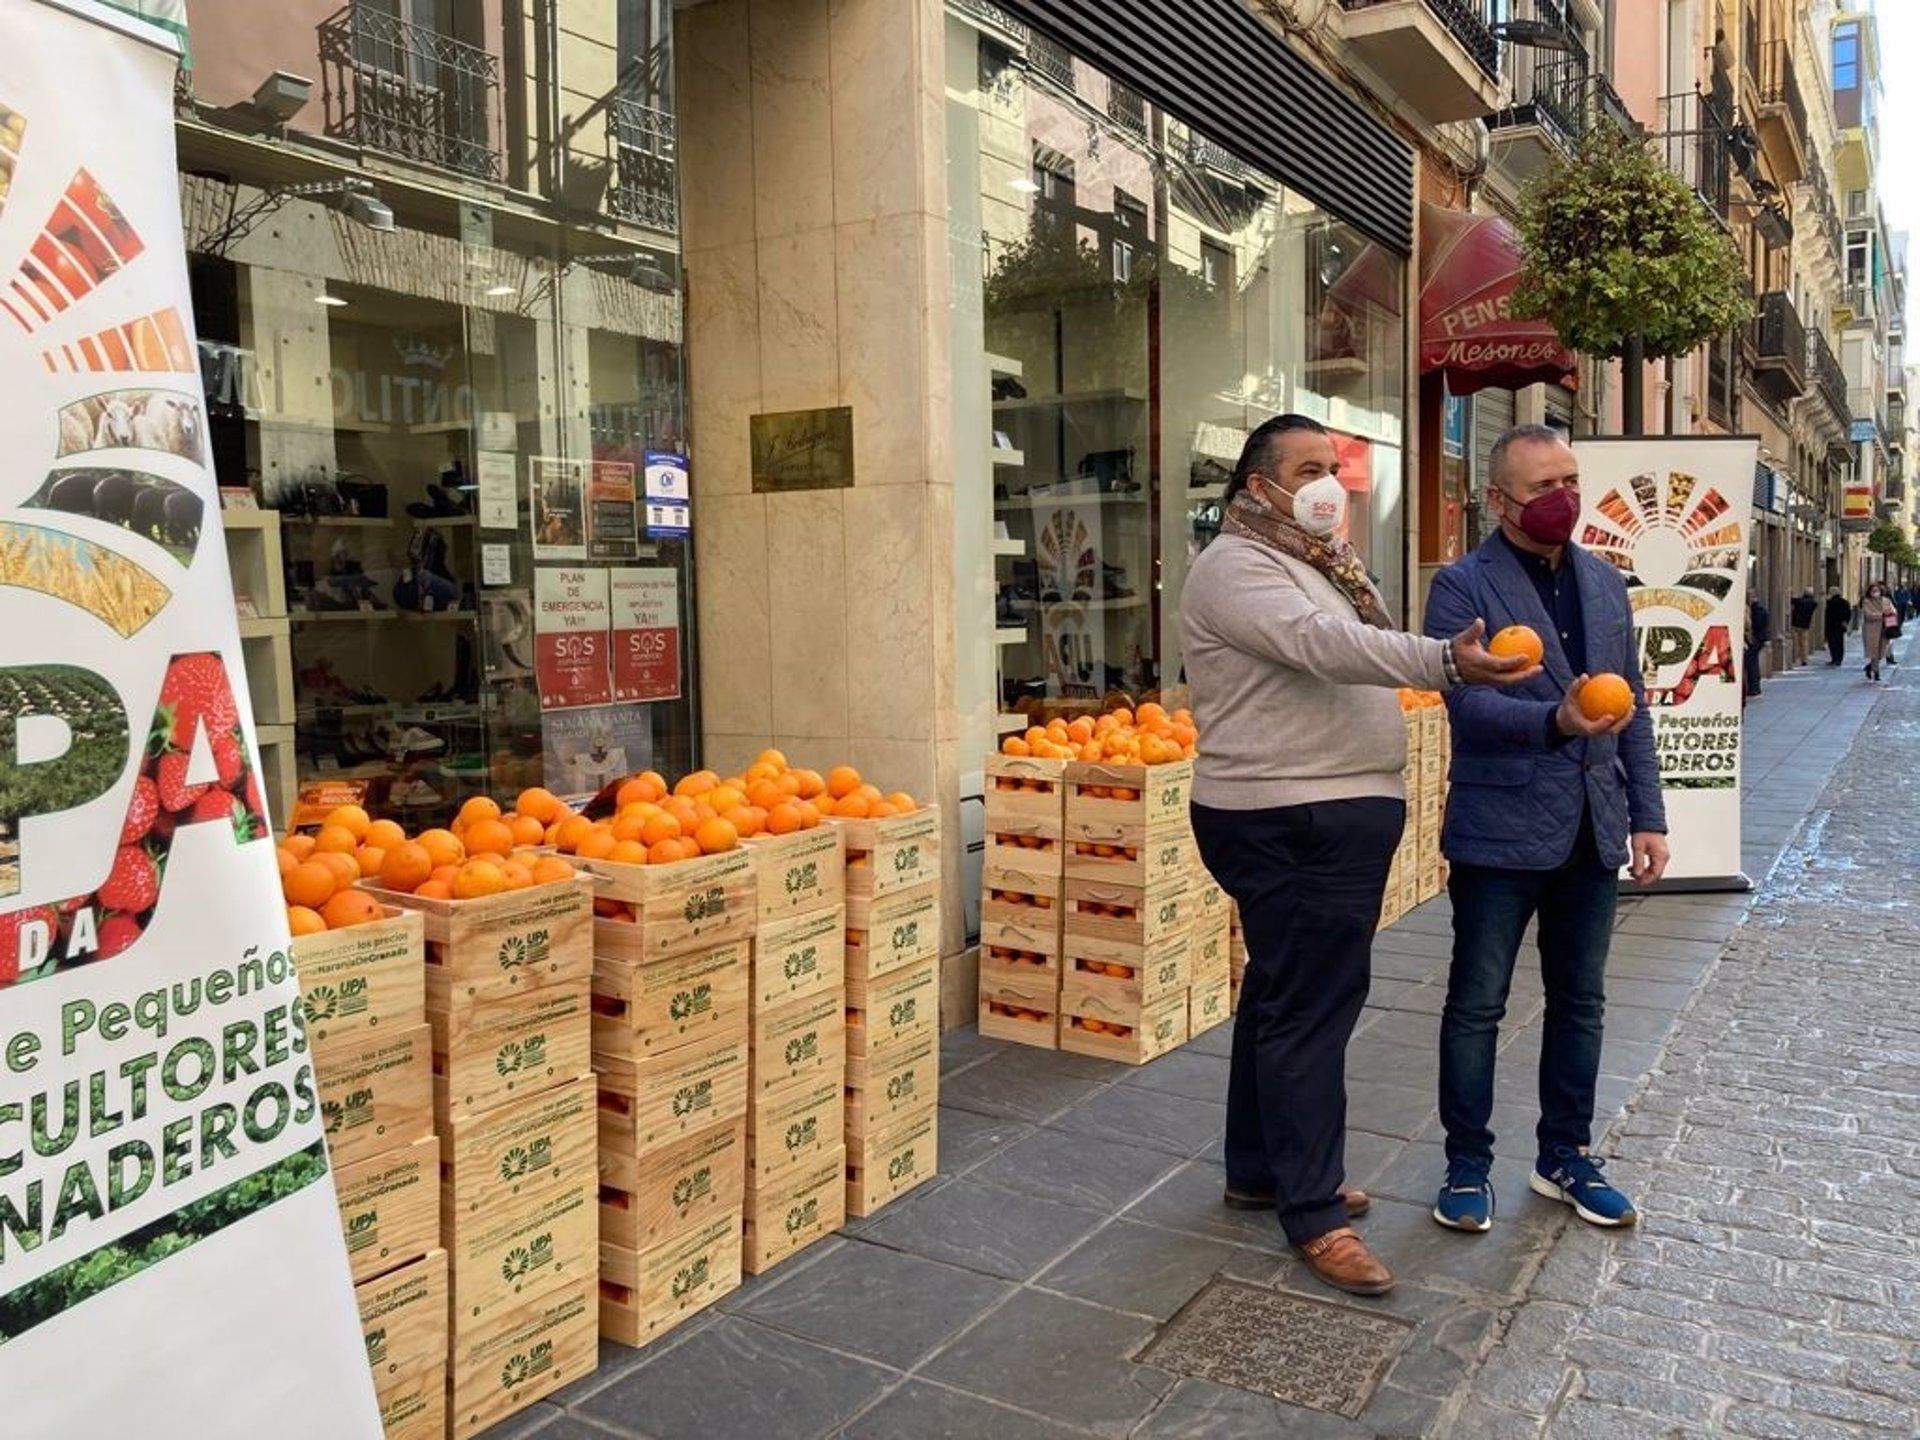 Agricultores (UPA) reparten cajas de naranjas en los comercios para denunciar los bajos precios en origen